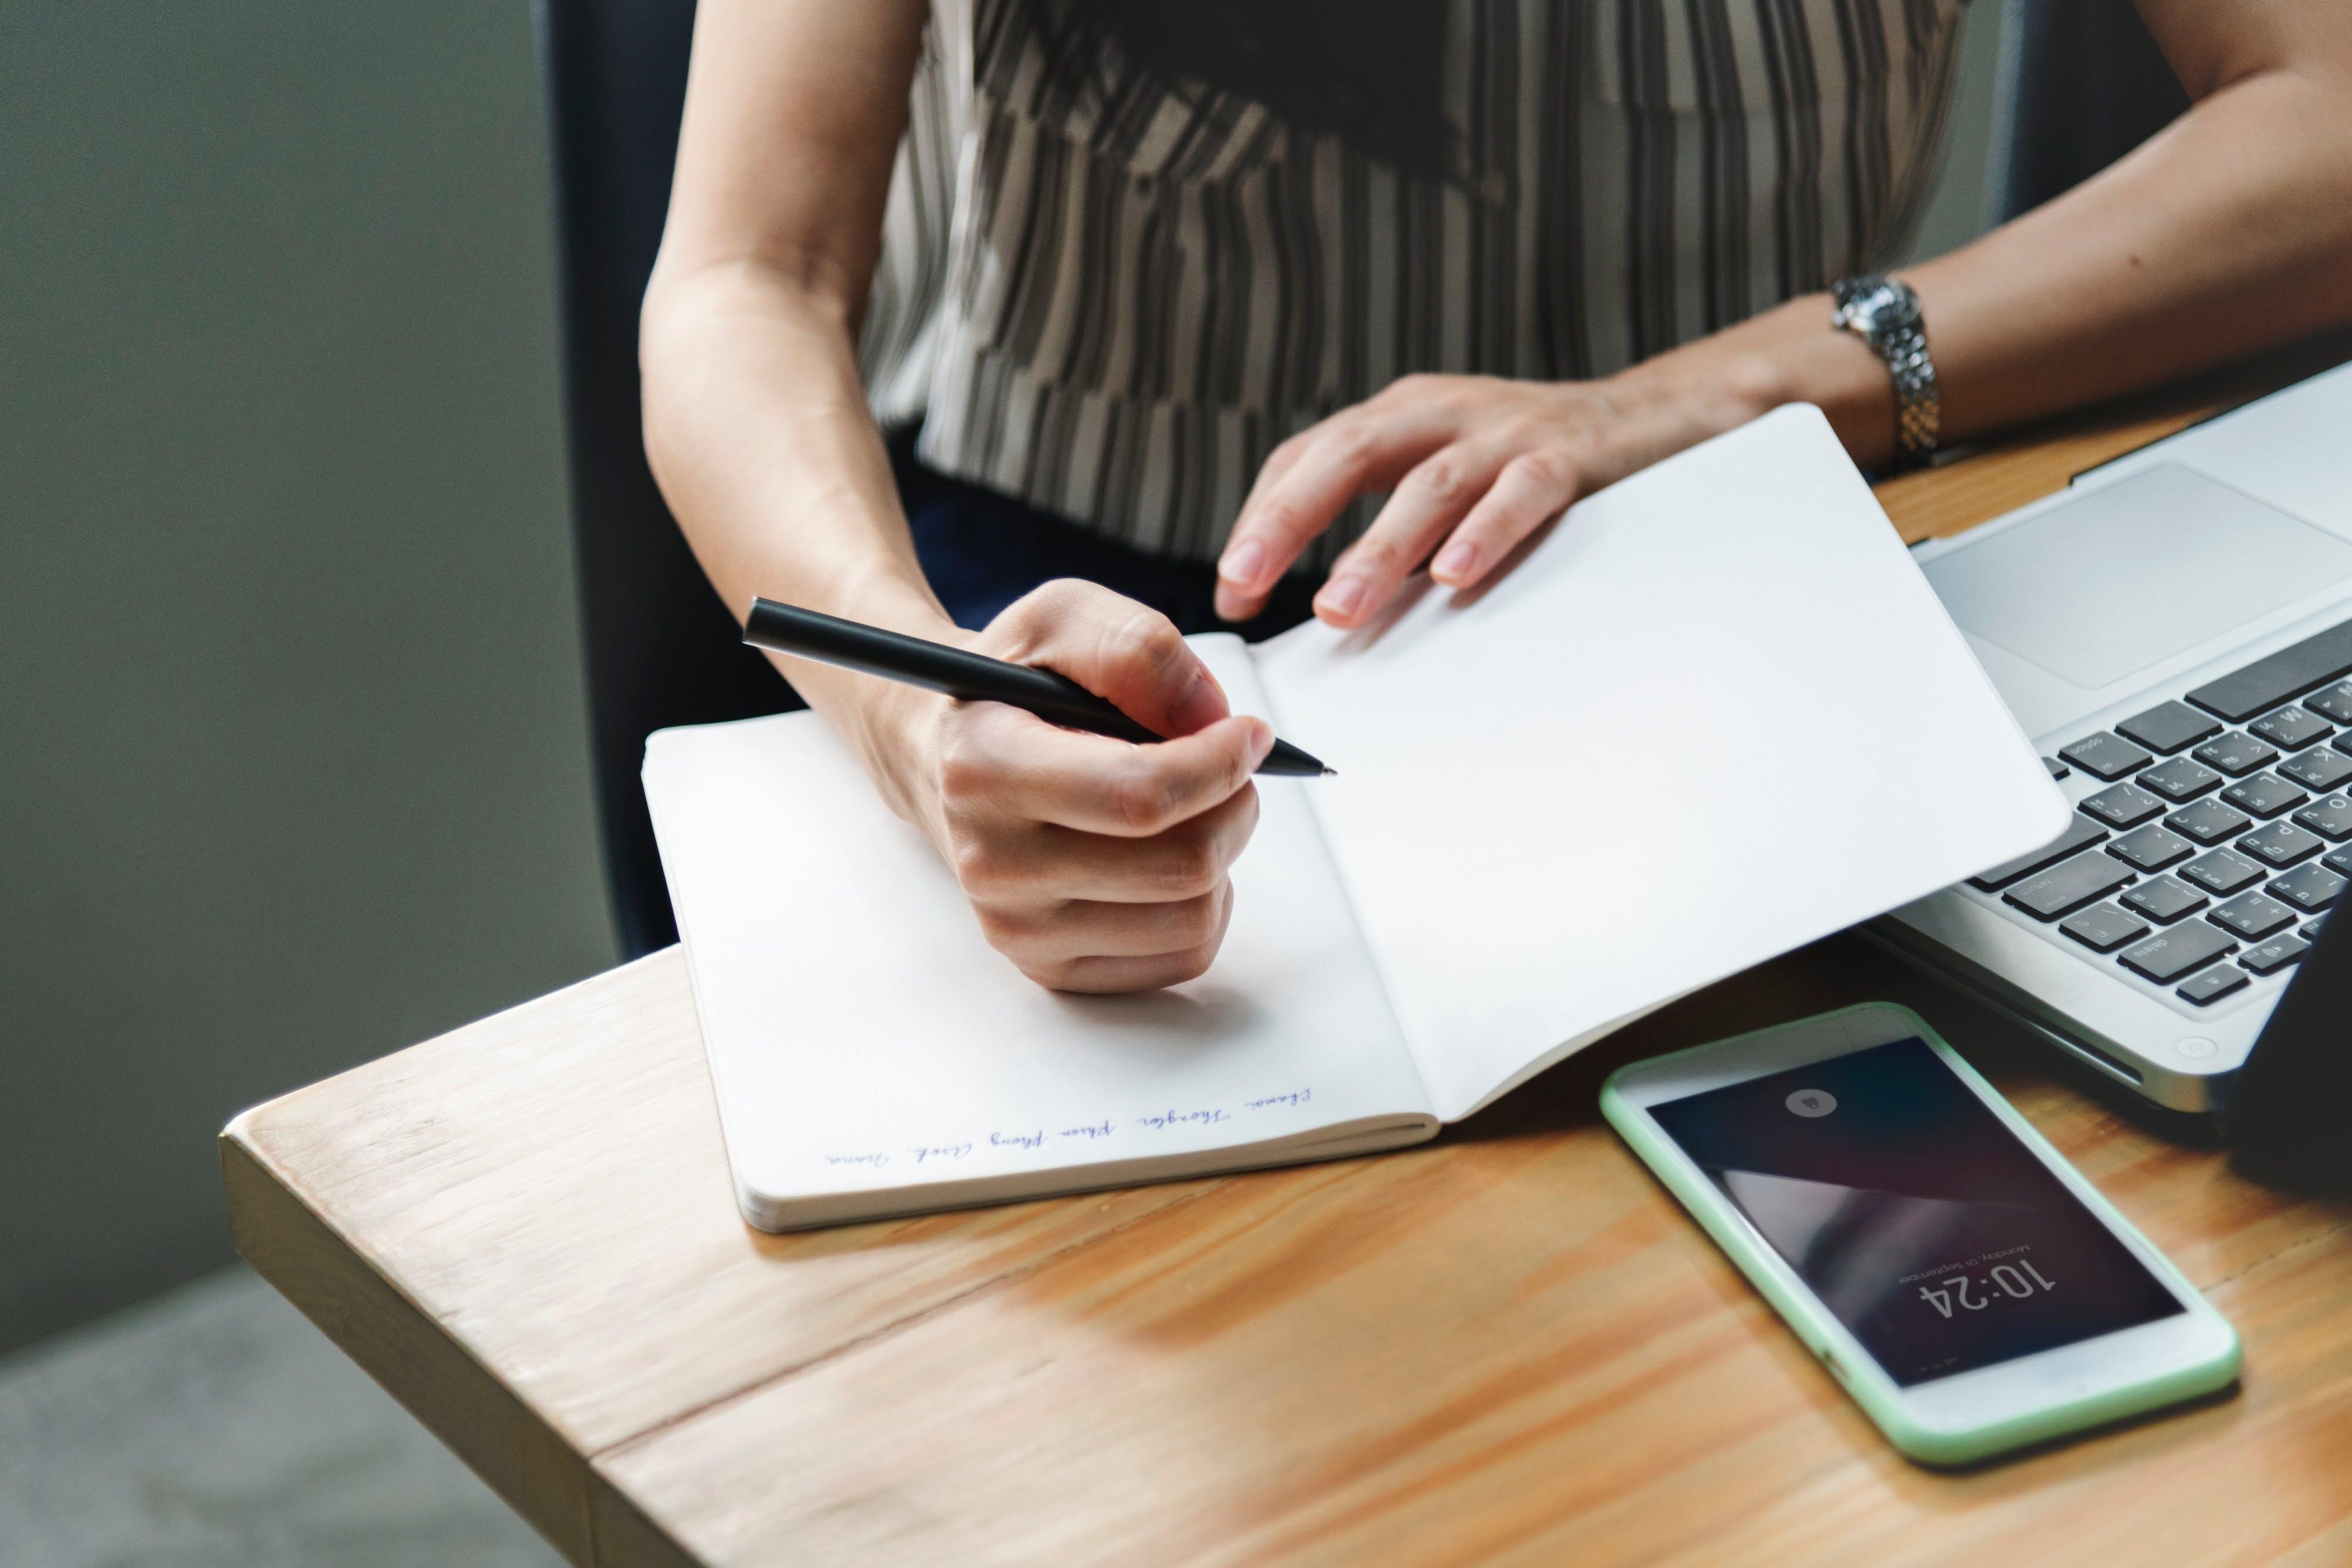 pen-smartphone-computer